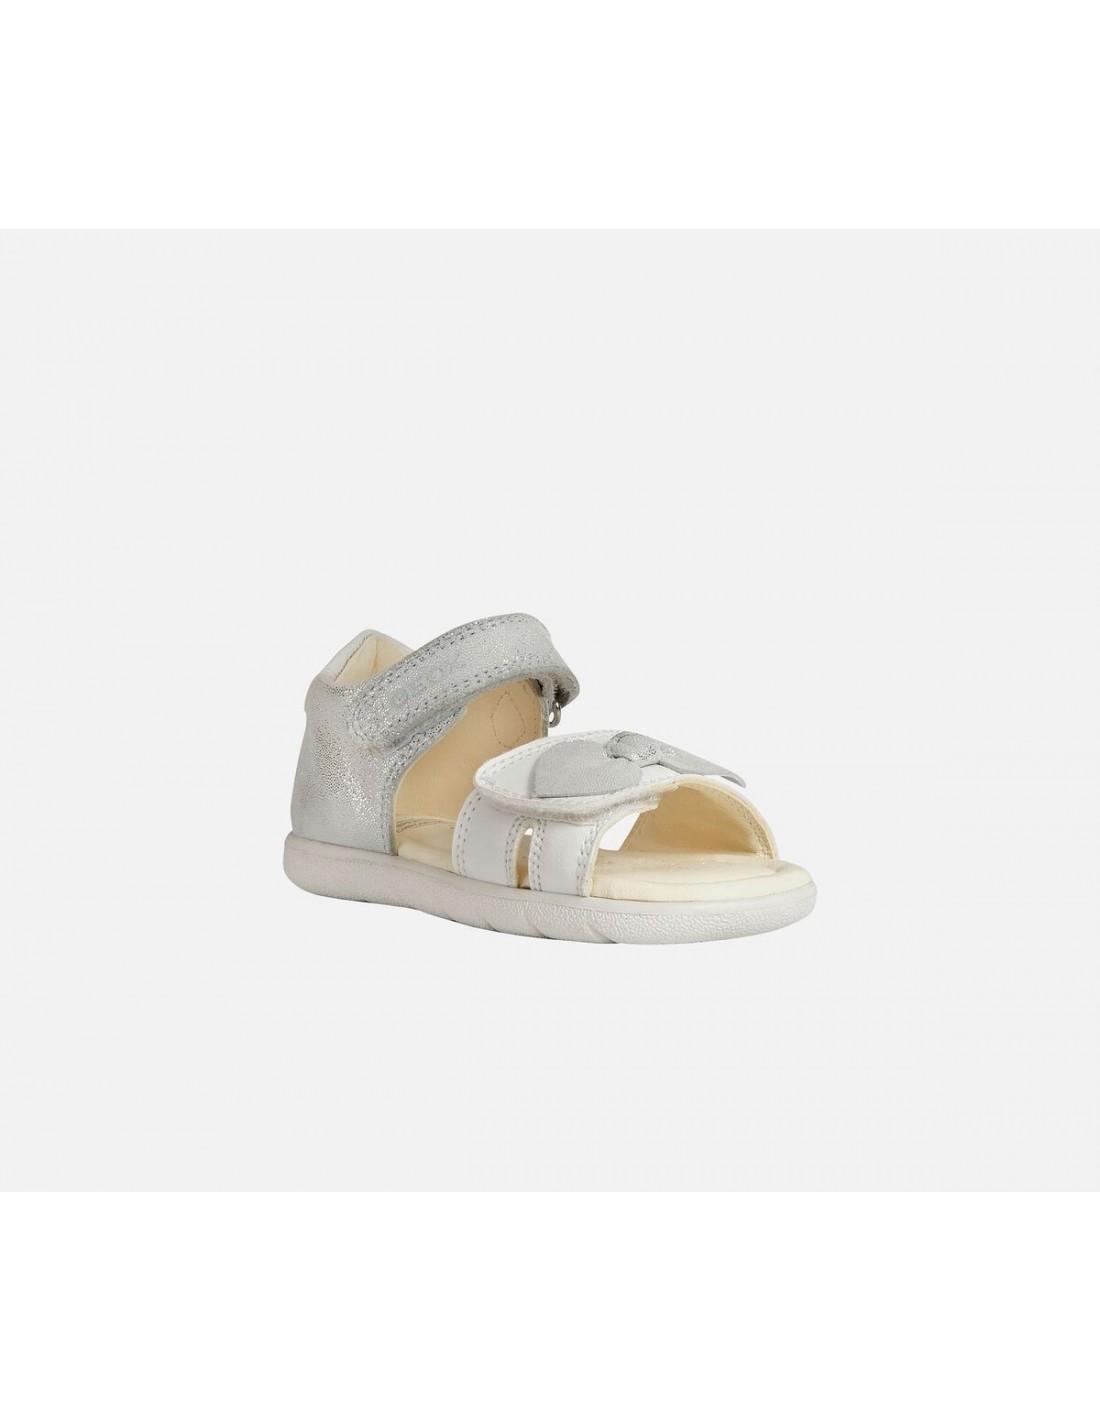 Dettagli su Geox sandali da bambina primi passi eleganti per cerimonia bimba in pelle fiocco